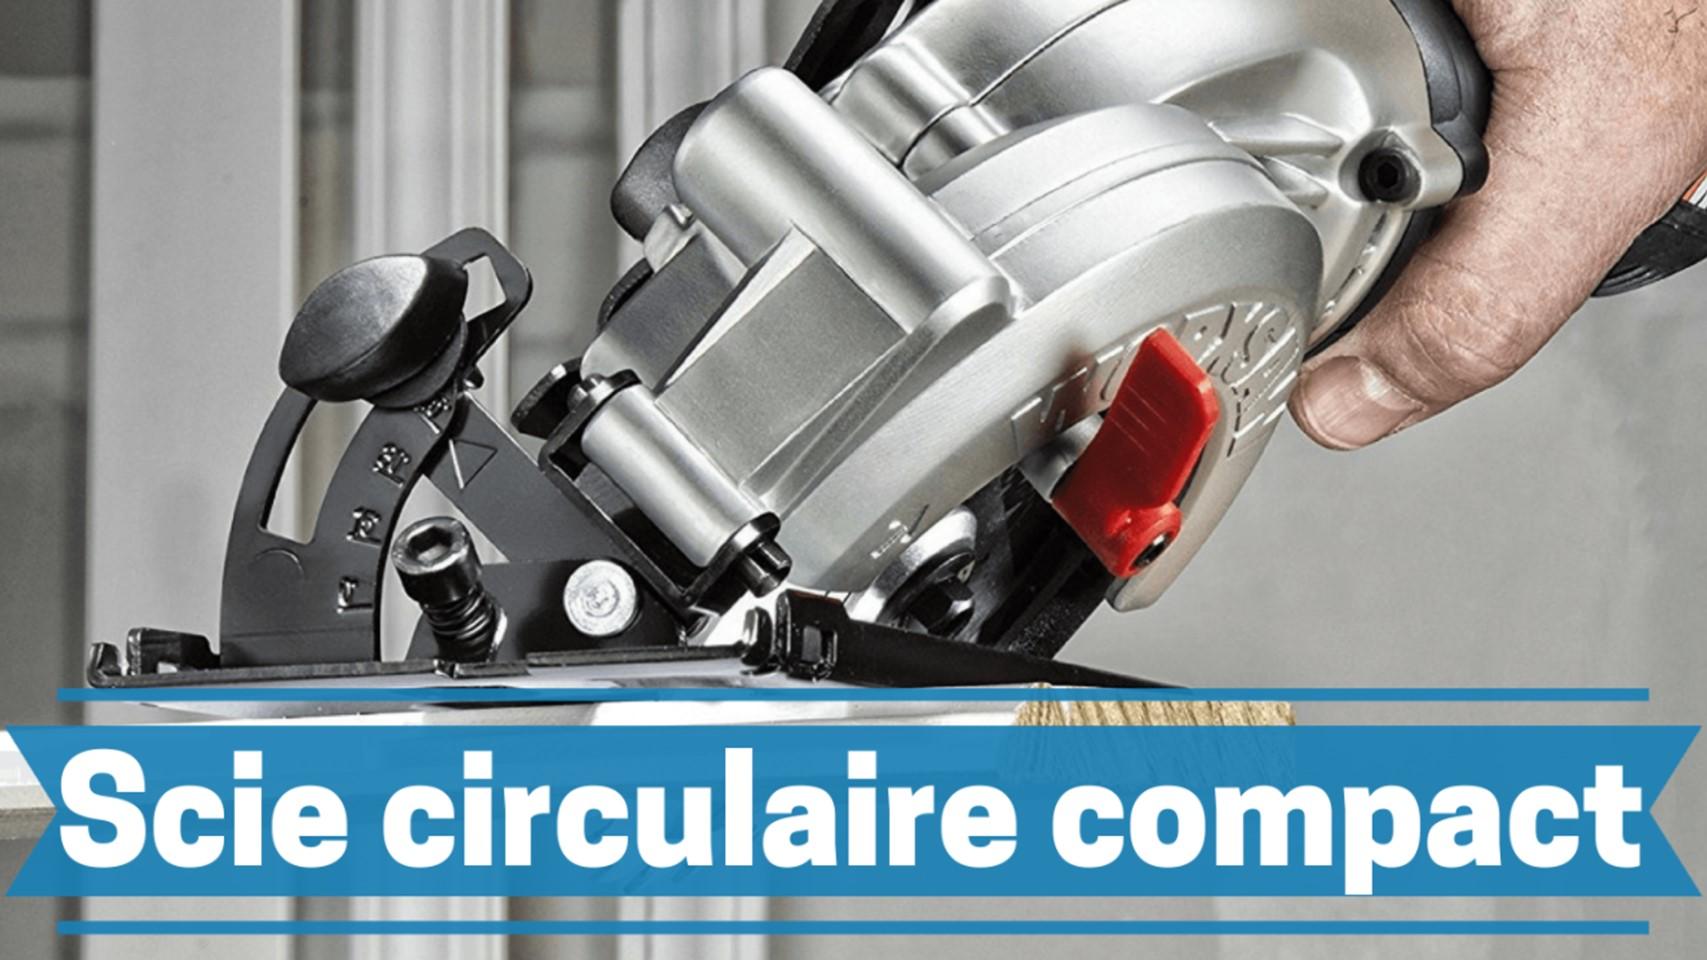 meilleure sci circulaire compacte comparatif guide achat avis